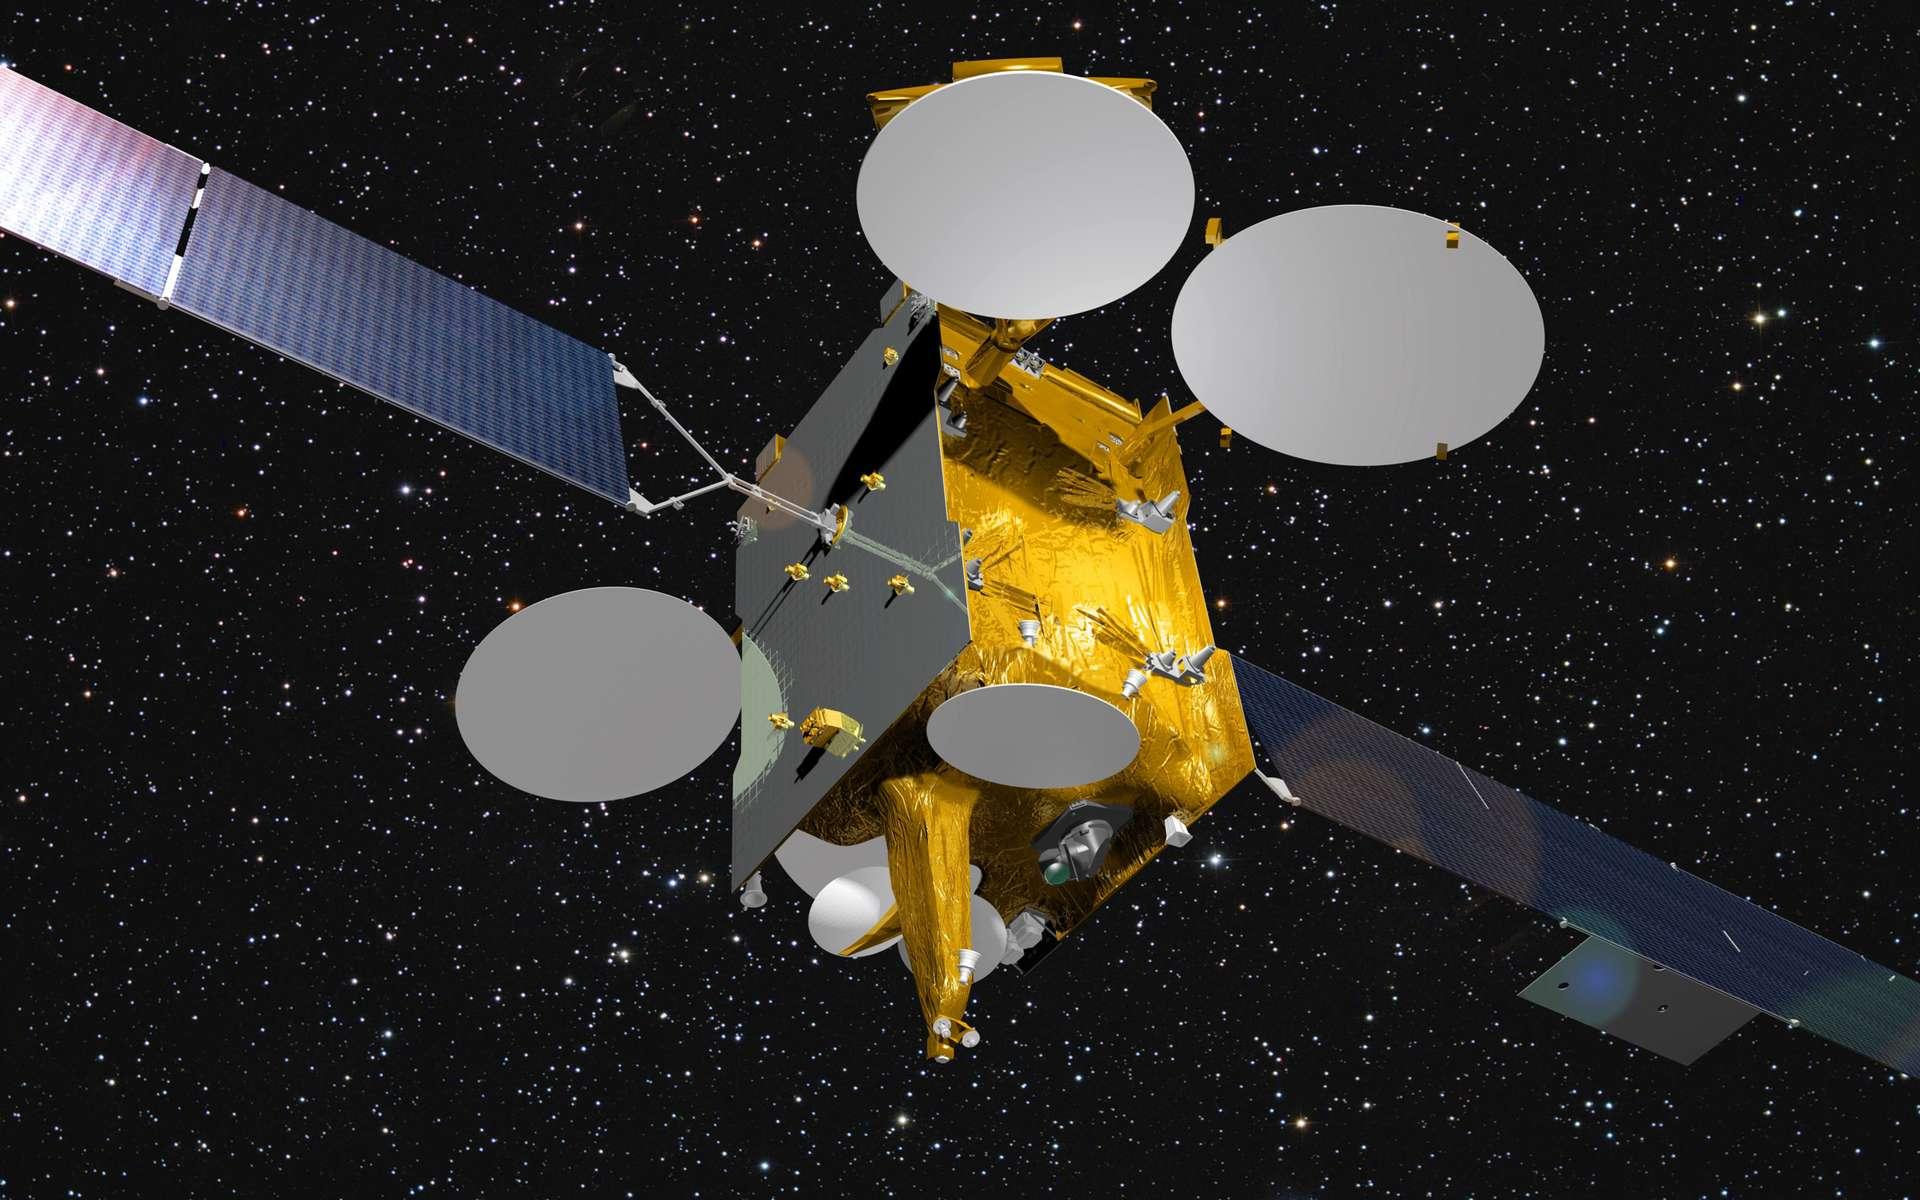 Le satellite Eutelsat-9B sera le premier à être doté d'un terminal EDRS pour relayer vers la Terre des données acquises par des satellites en orbite basse. Satellites qui devront être équipés d'un terminal laser pour envoyer leurs données vers les terminaux EDRS. © Astrium